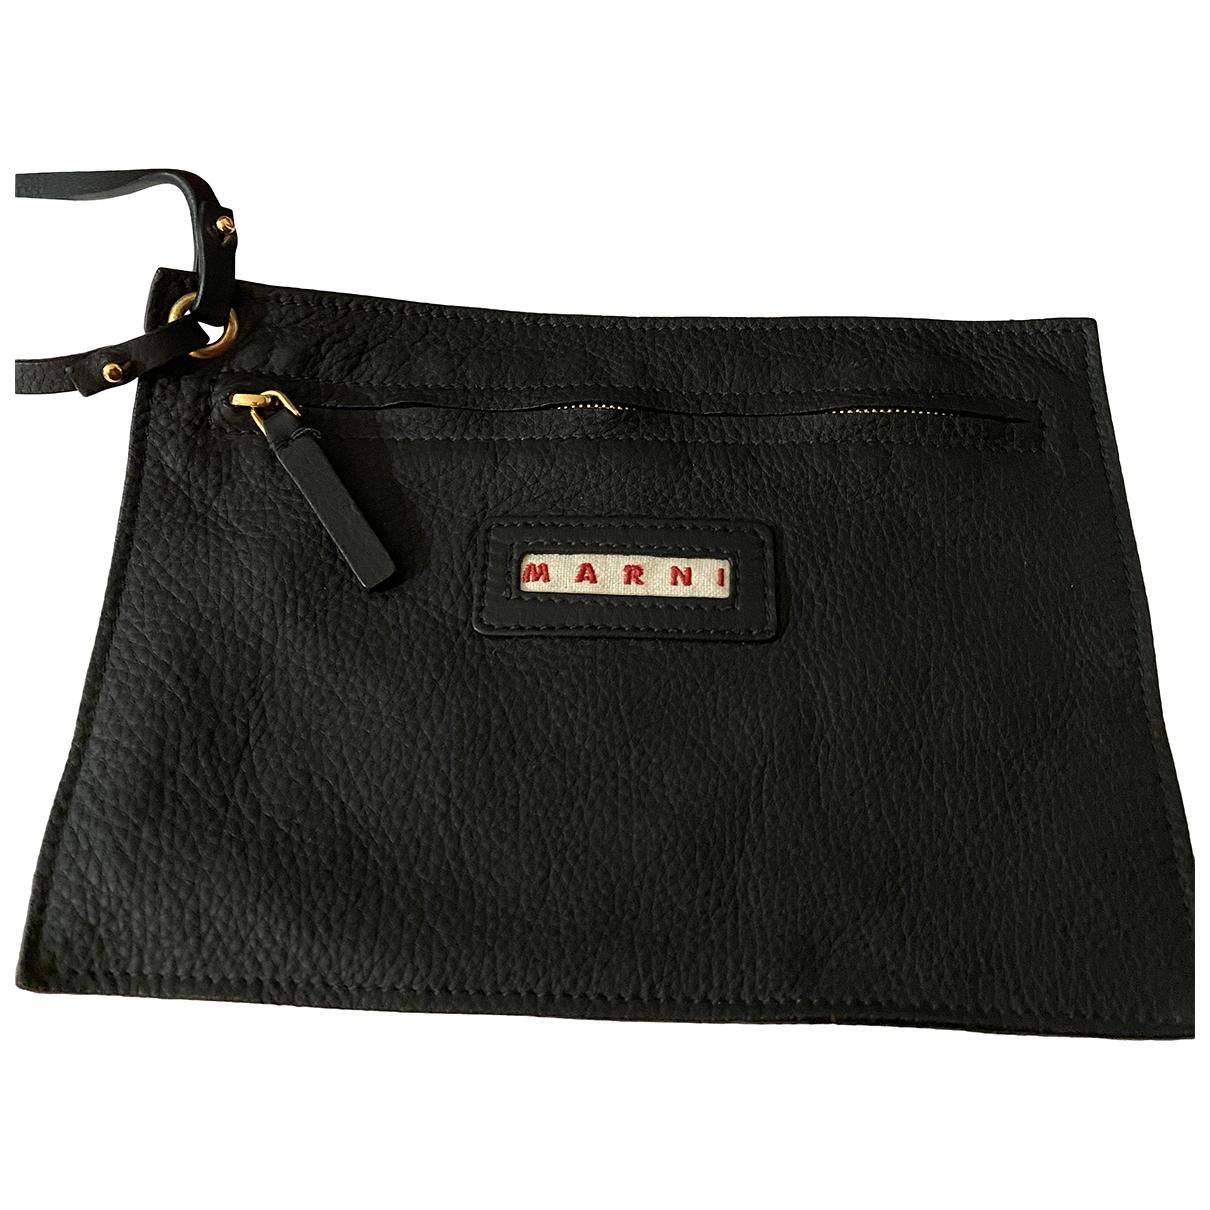 Marni \N Clutch in  Schwarz Leder